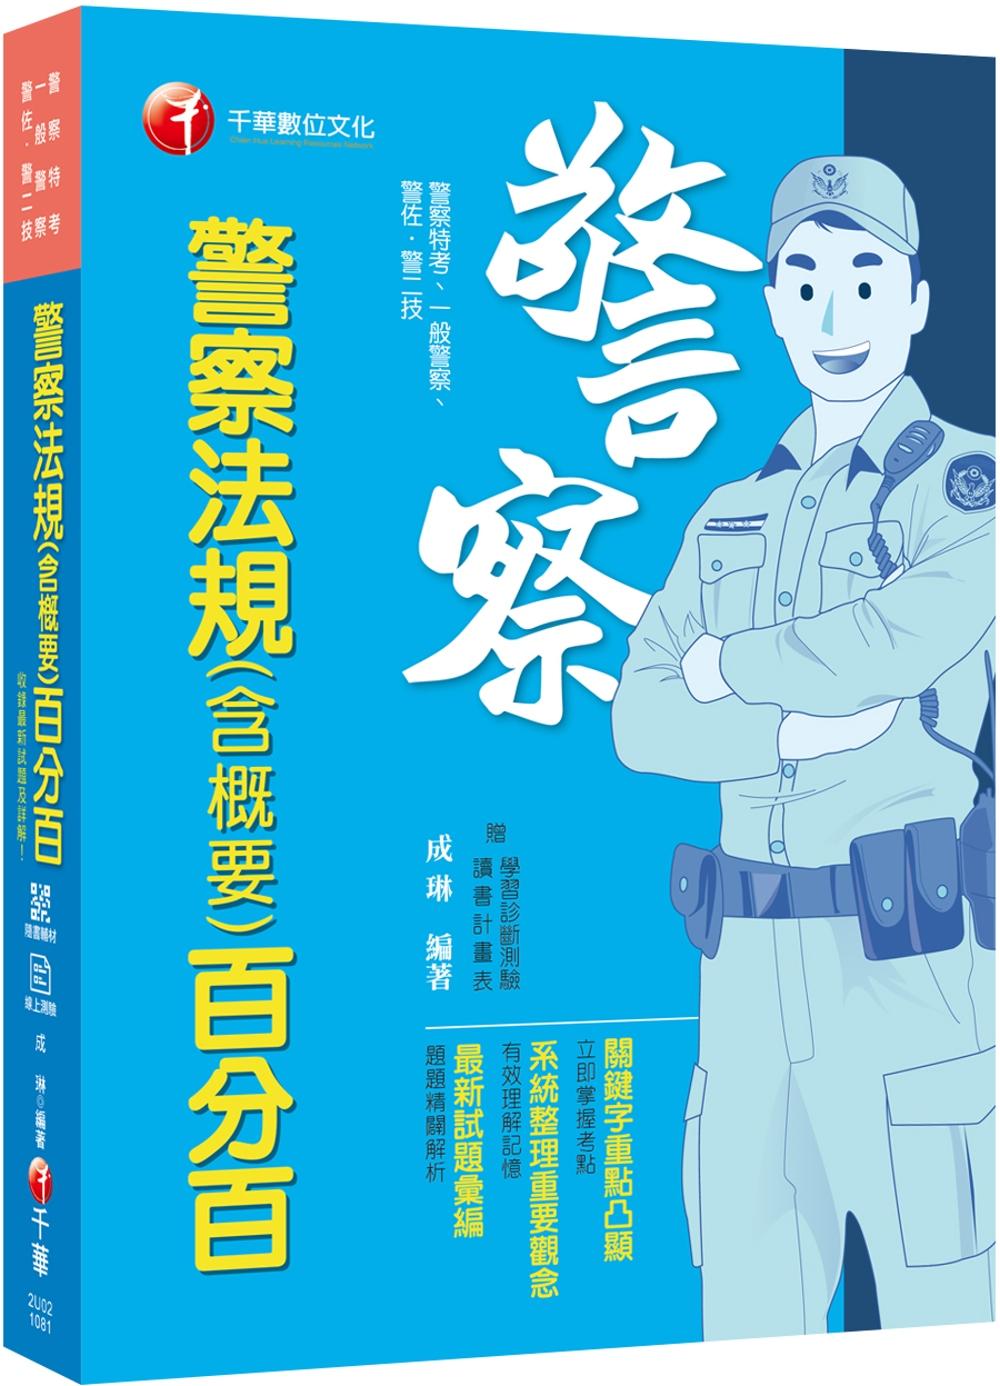 【金榜必備秘笈】警察法規(含概要)百分百 [警察特考、一般警察、警佐、警二技]〔收錄歷年考題〕